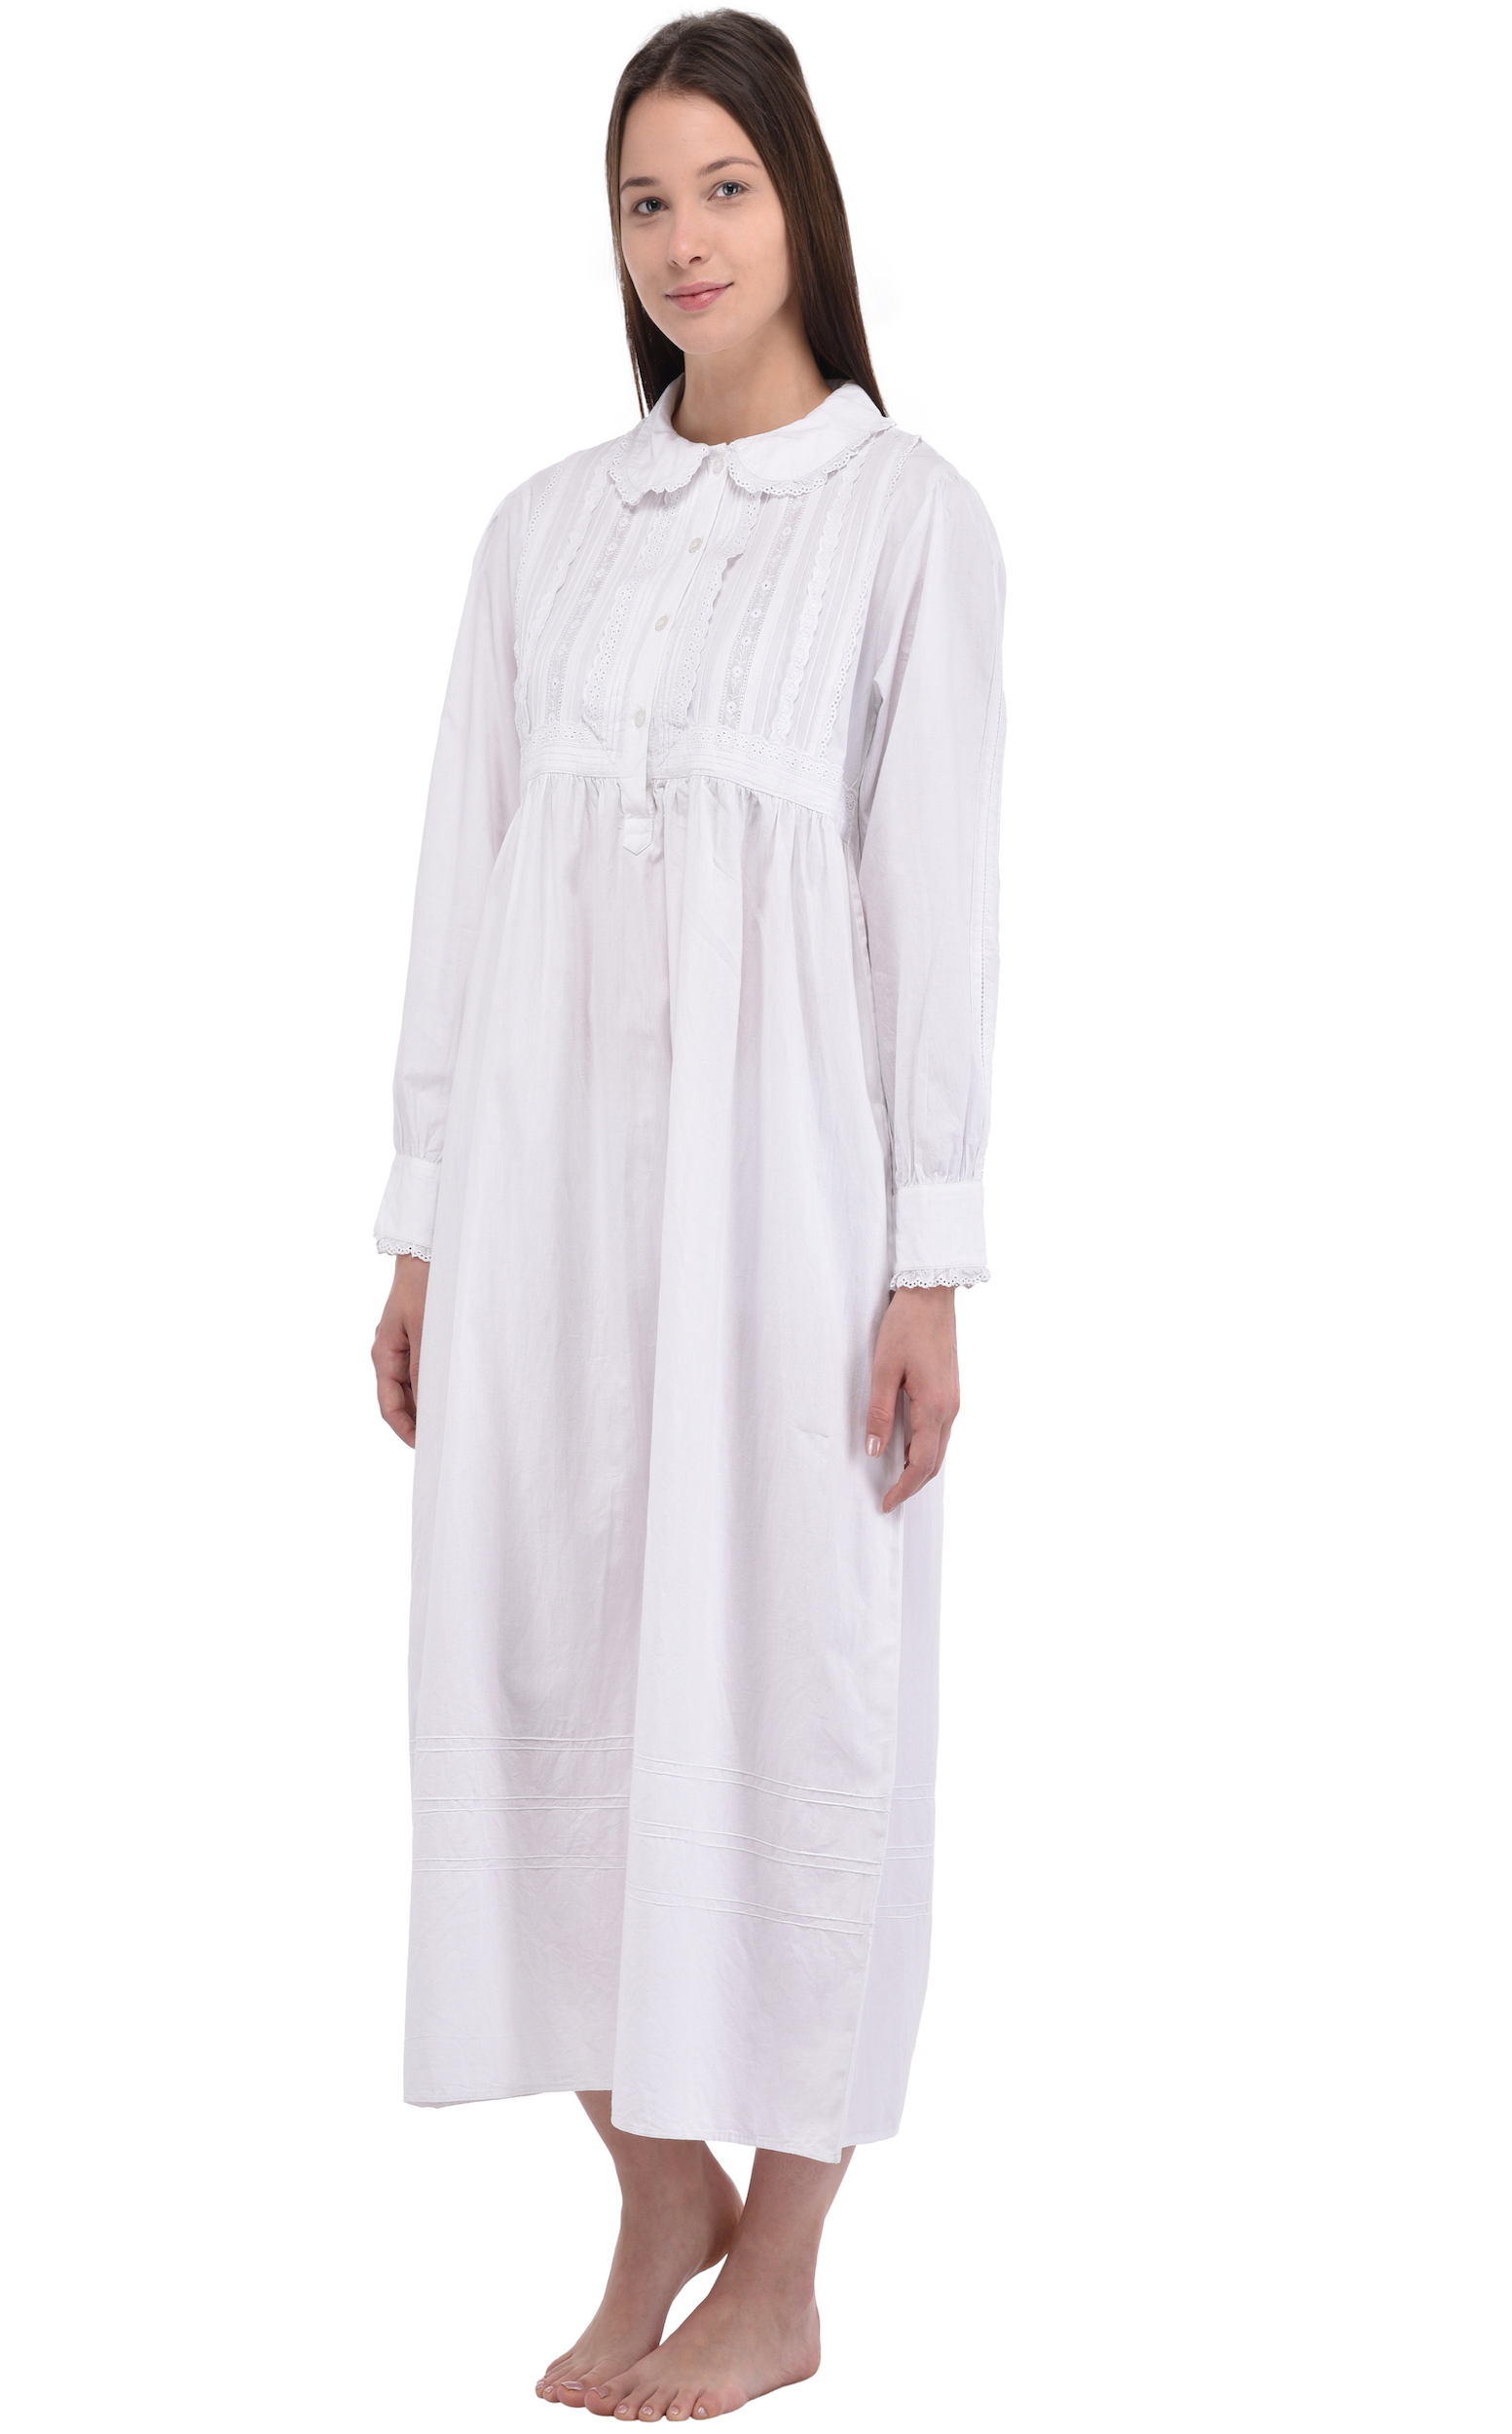 3dcb4ec453 Peter Pan Collar Long Sleeve White Lace Nightdress | Cotton Lane ...